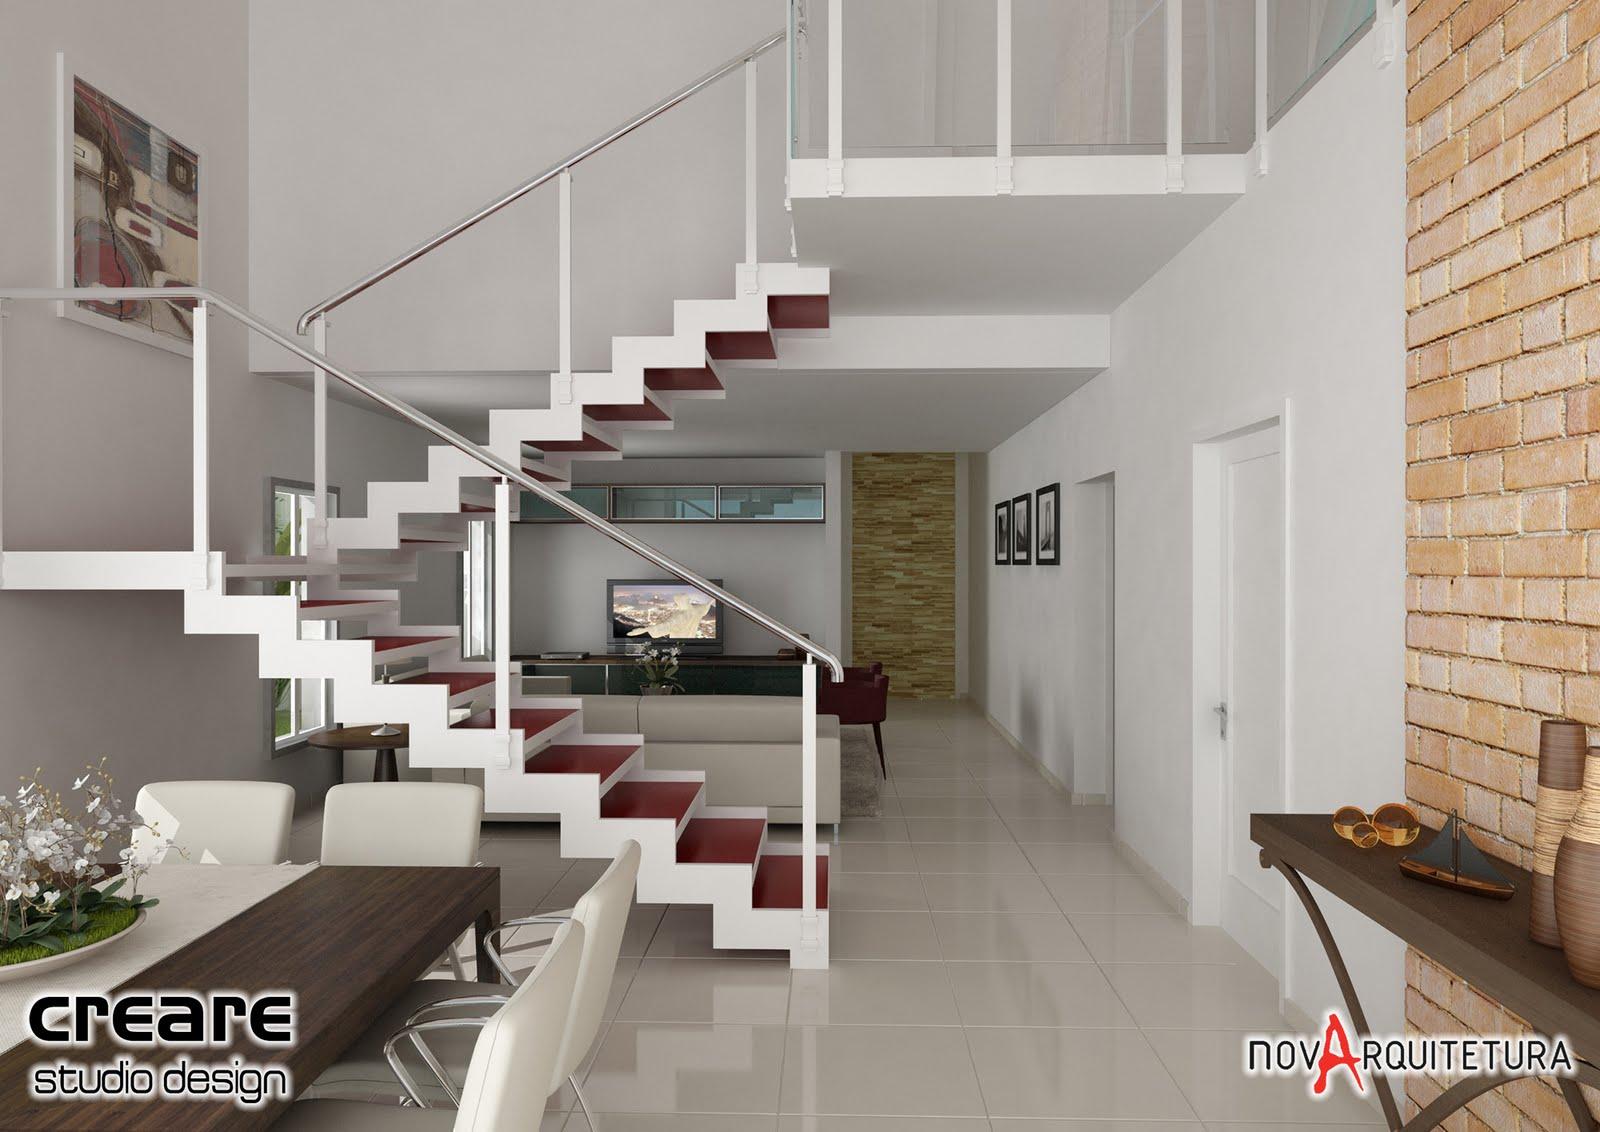 Creare studio design sala residencia for Creare design